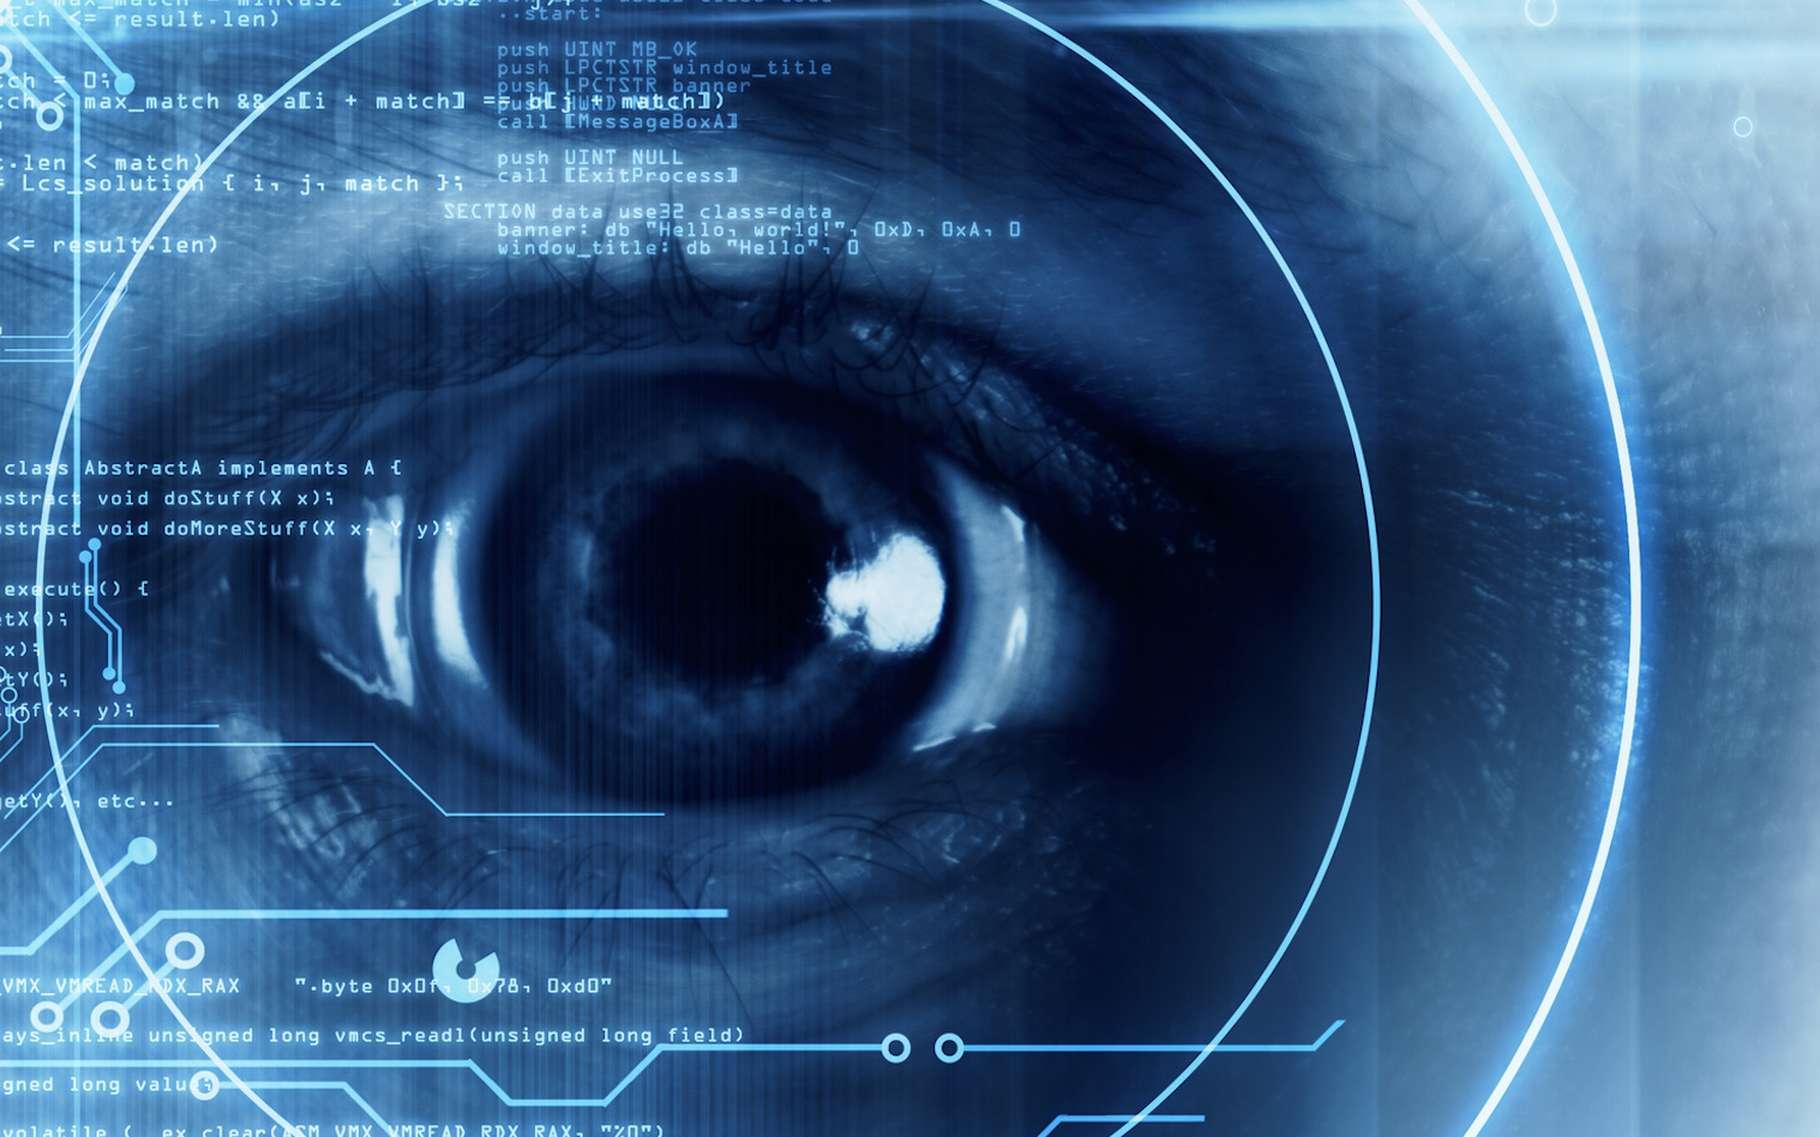 Les chercheurs comprennent mieux comment notre cerveau traite les informations reçues par nos yeux. De quoi peut-être aider à concevoir des systèmes de vision artificielle optimisés. © peshkov, Fotolia